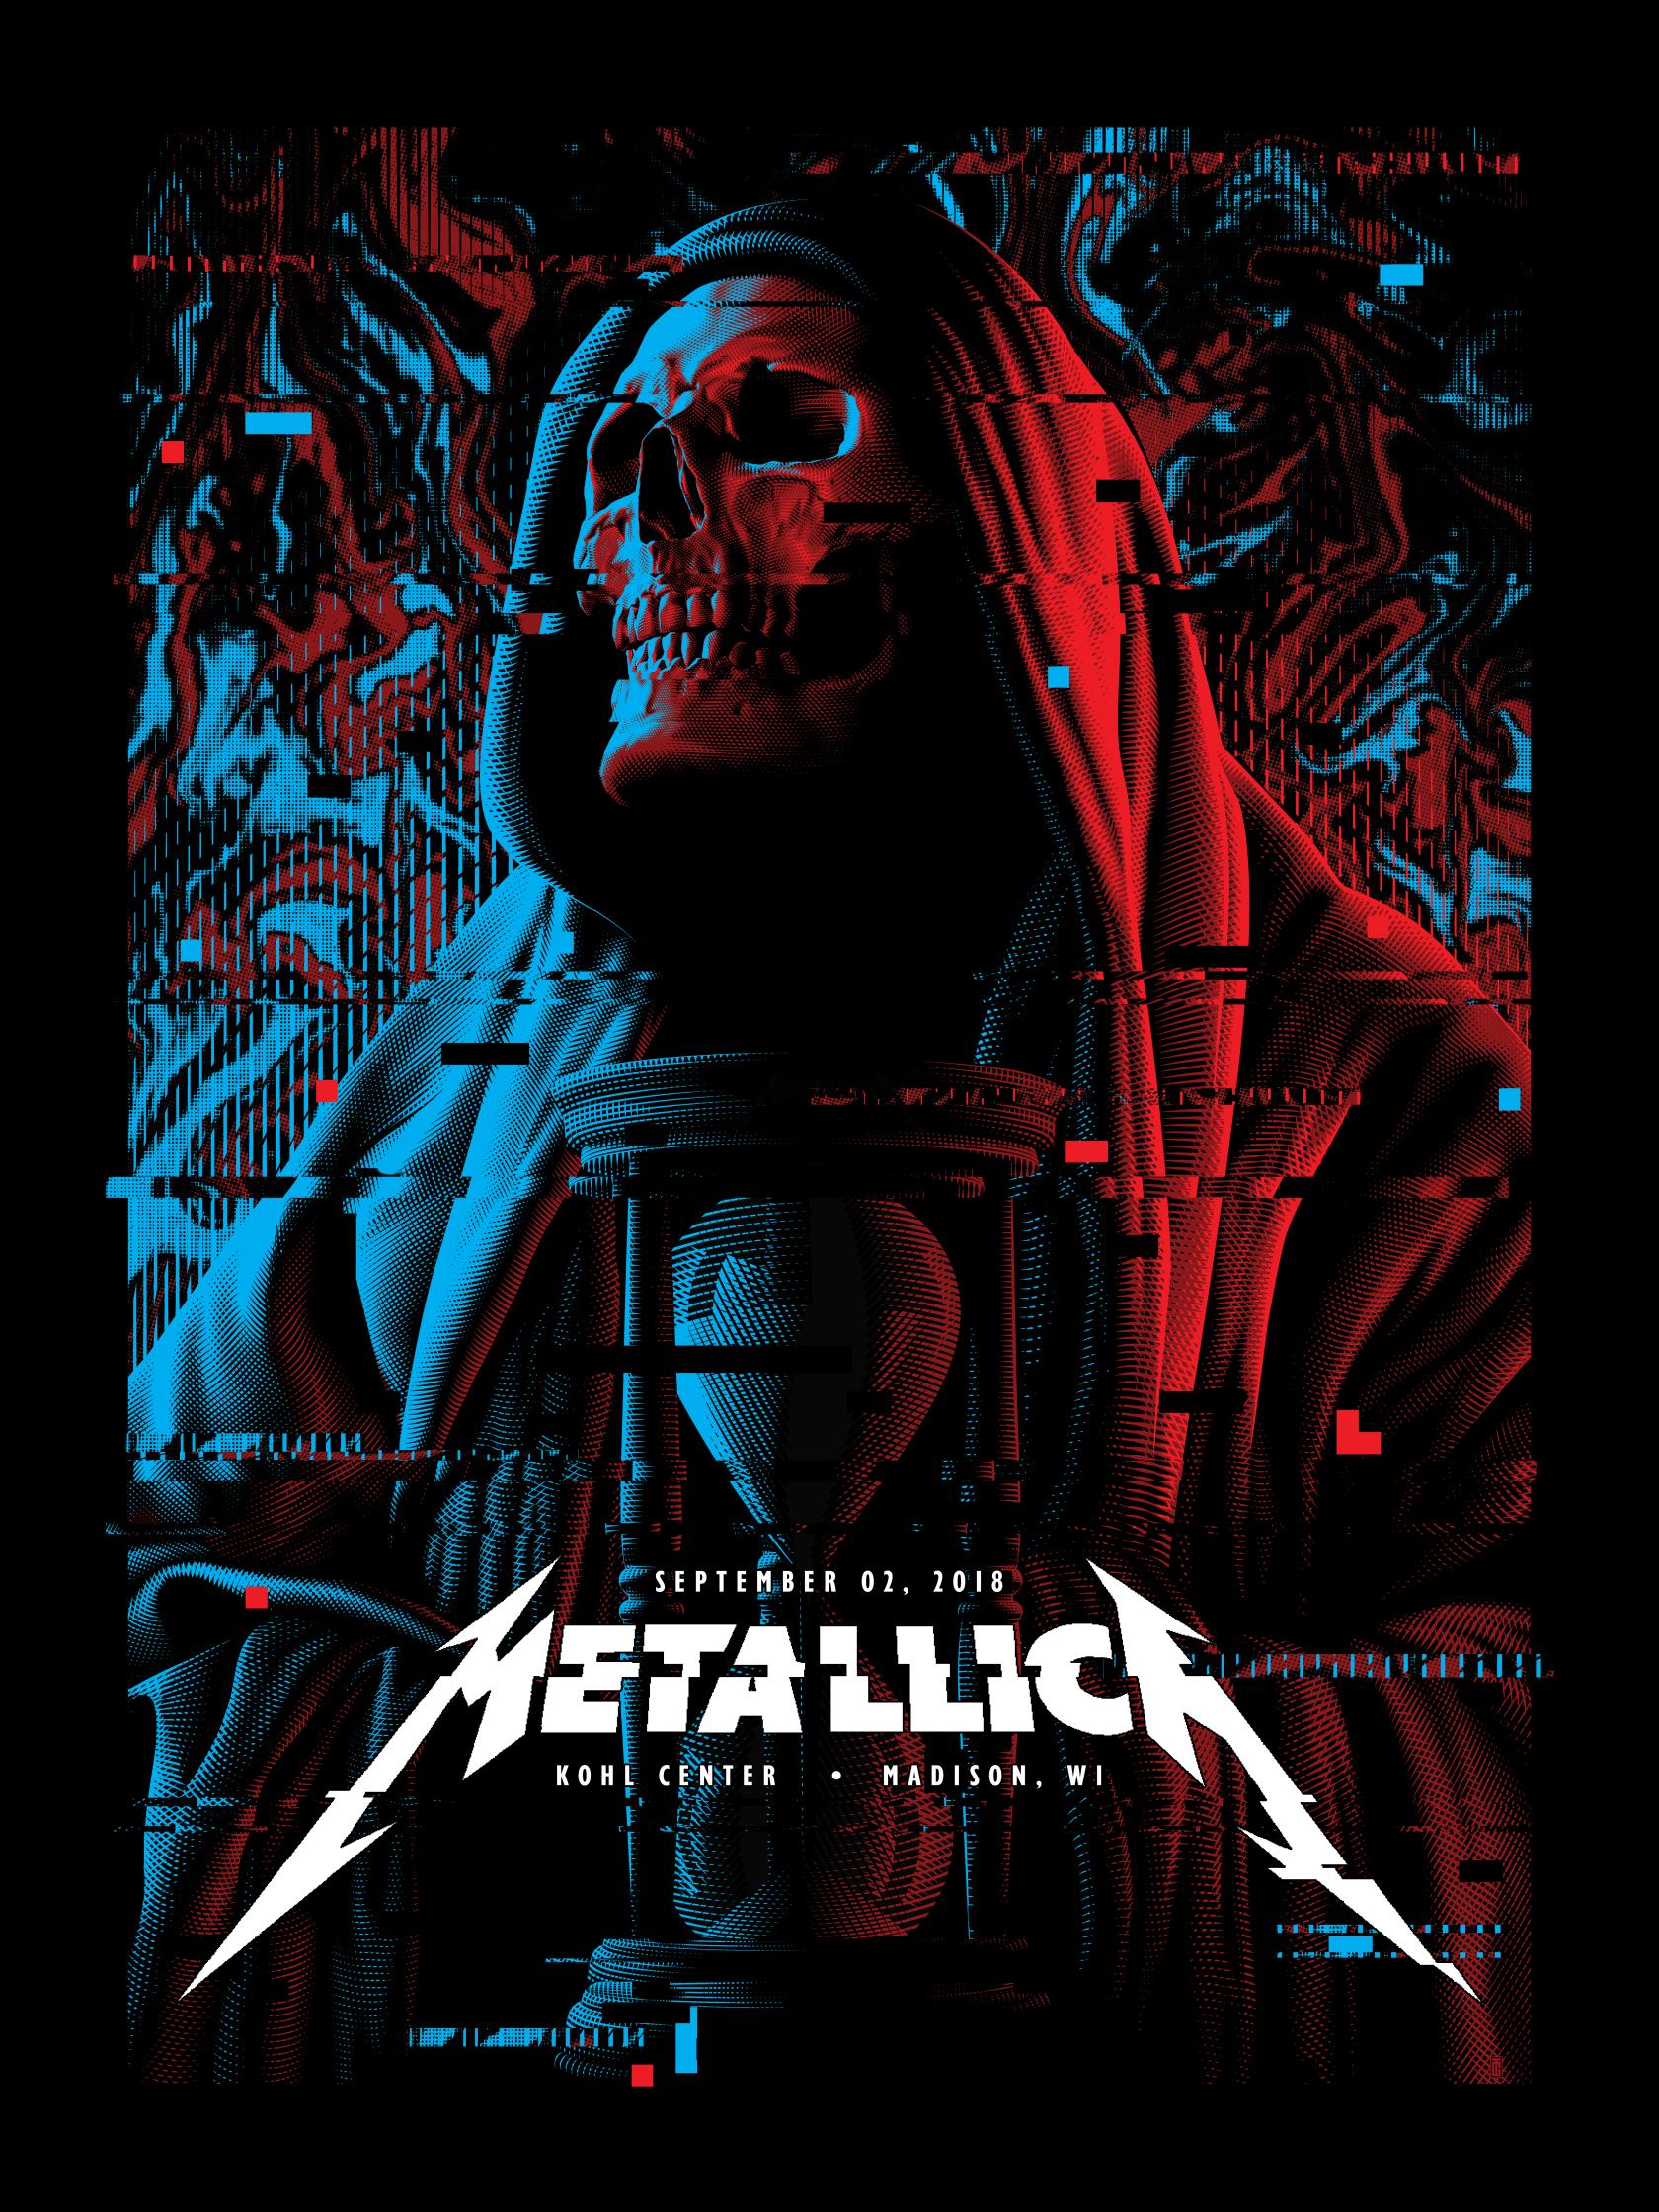 TChing-Metallica-2019USTourMadisonWI.jpg